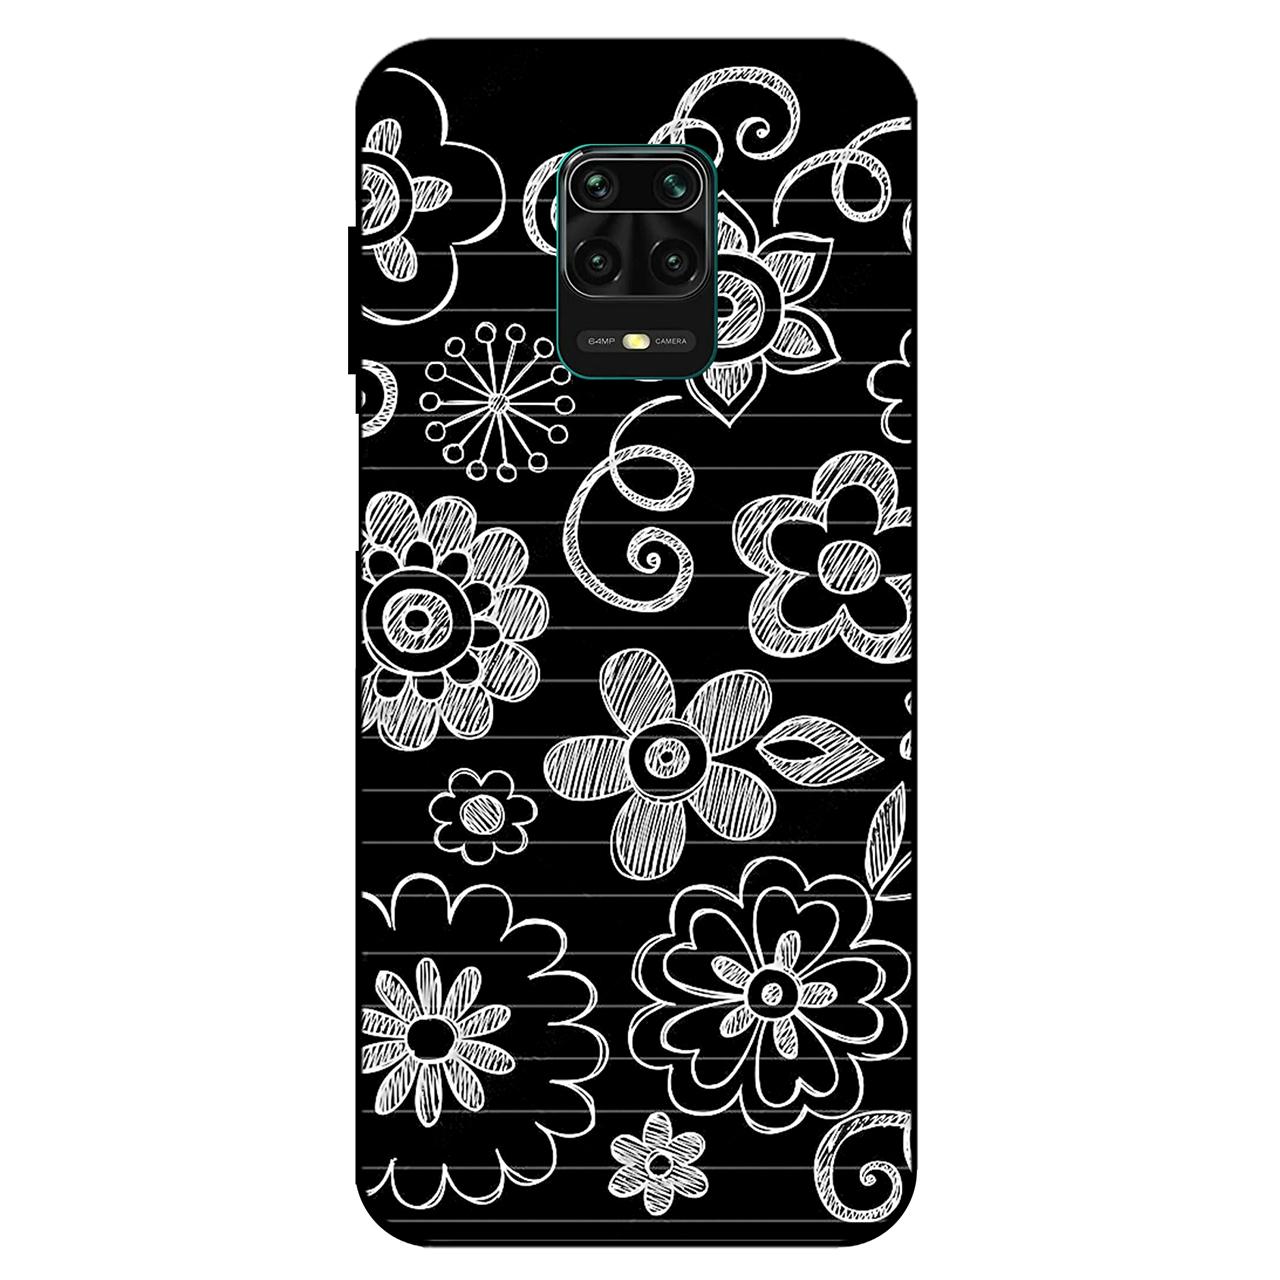 کاور کی اچ مدل 7230 مناسب برای گوشی موبایل شیائومی  Redmi Note 9s / 9 Pro / 9 Pro Max